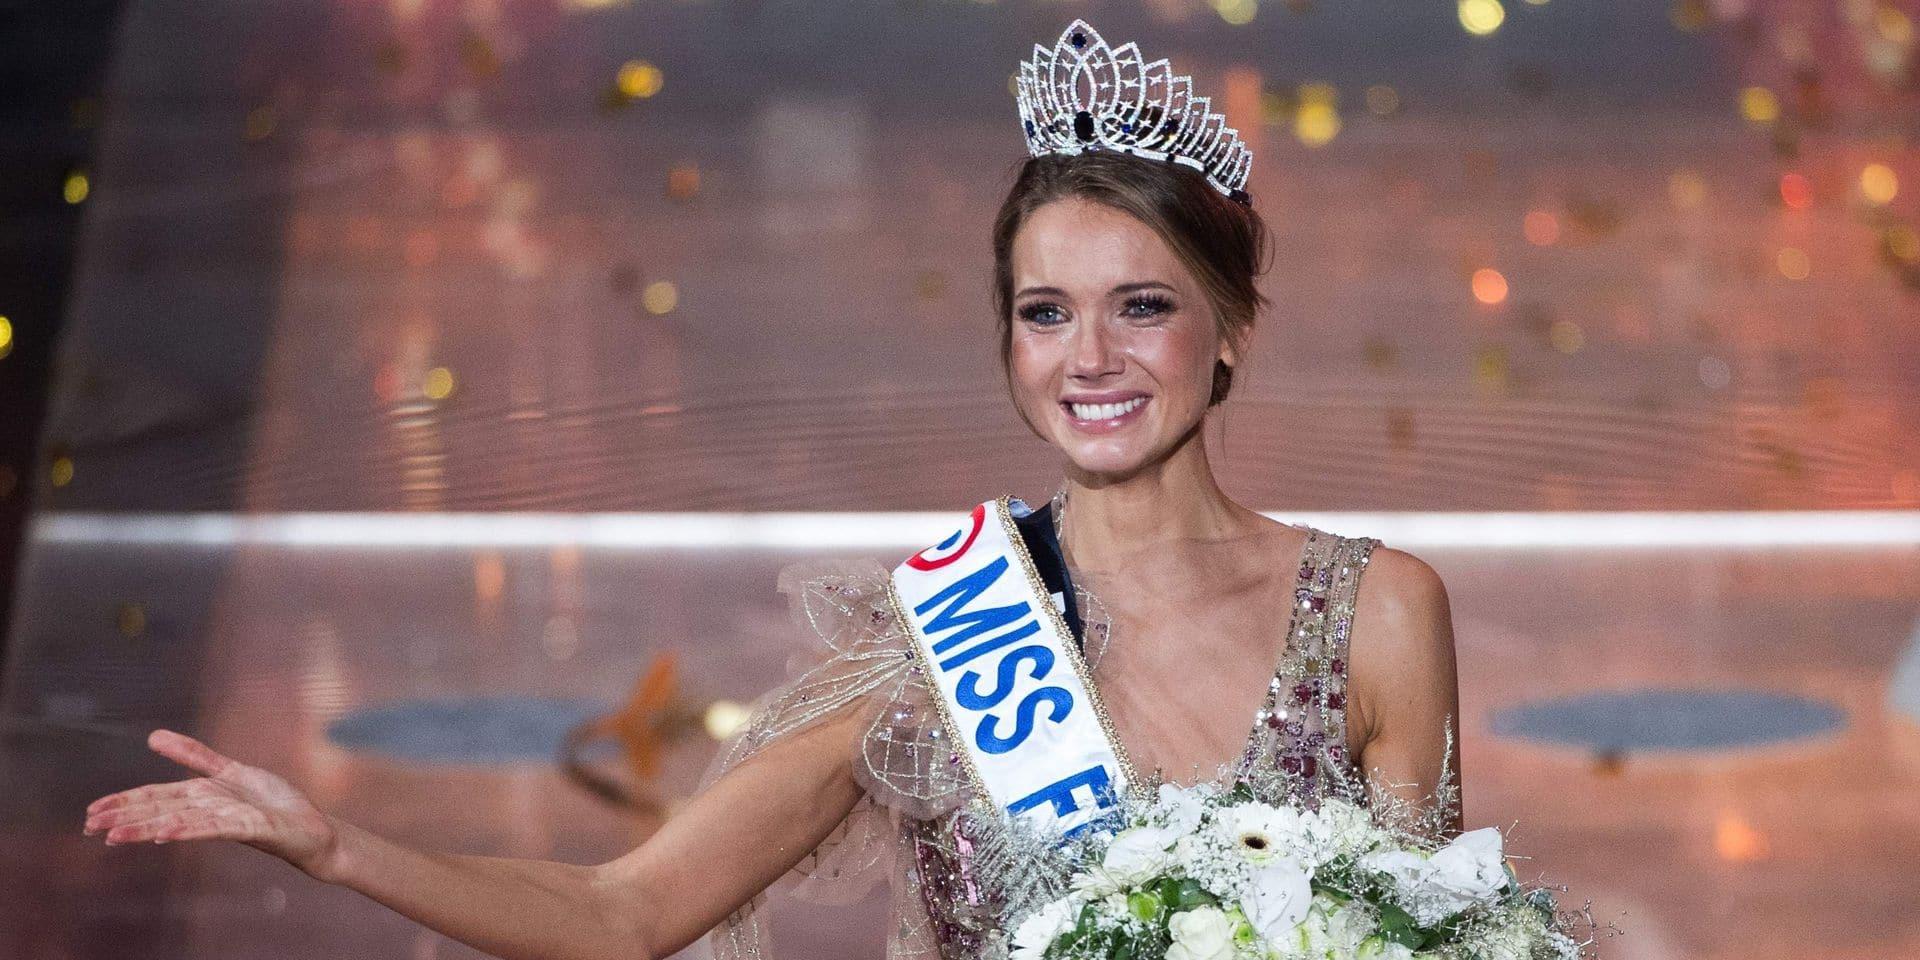 F miss Miss FD